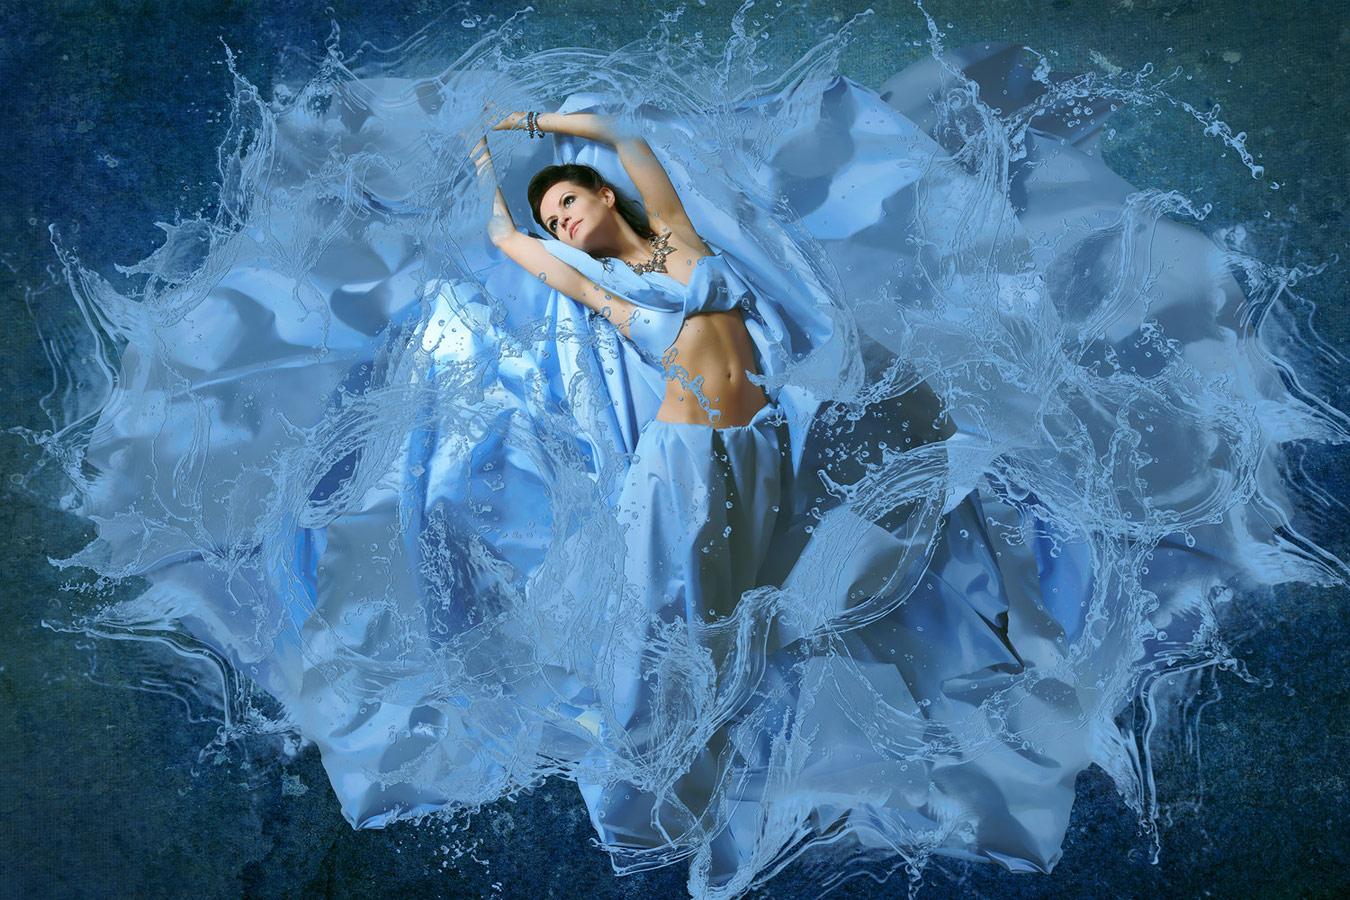 Взрыв, © Шери Эмерсон, Победитель, Художественный конкурс «Все женщины» — All Women